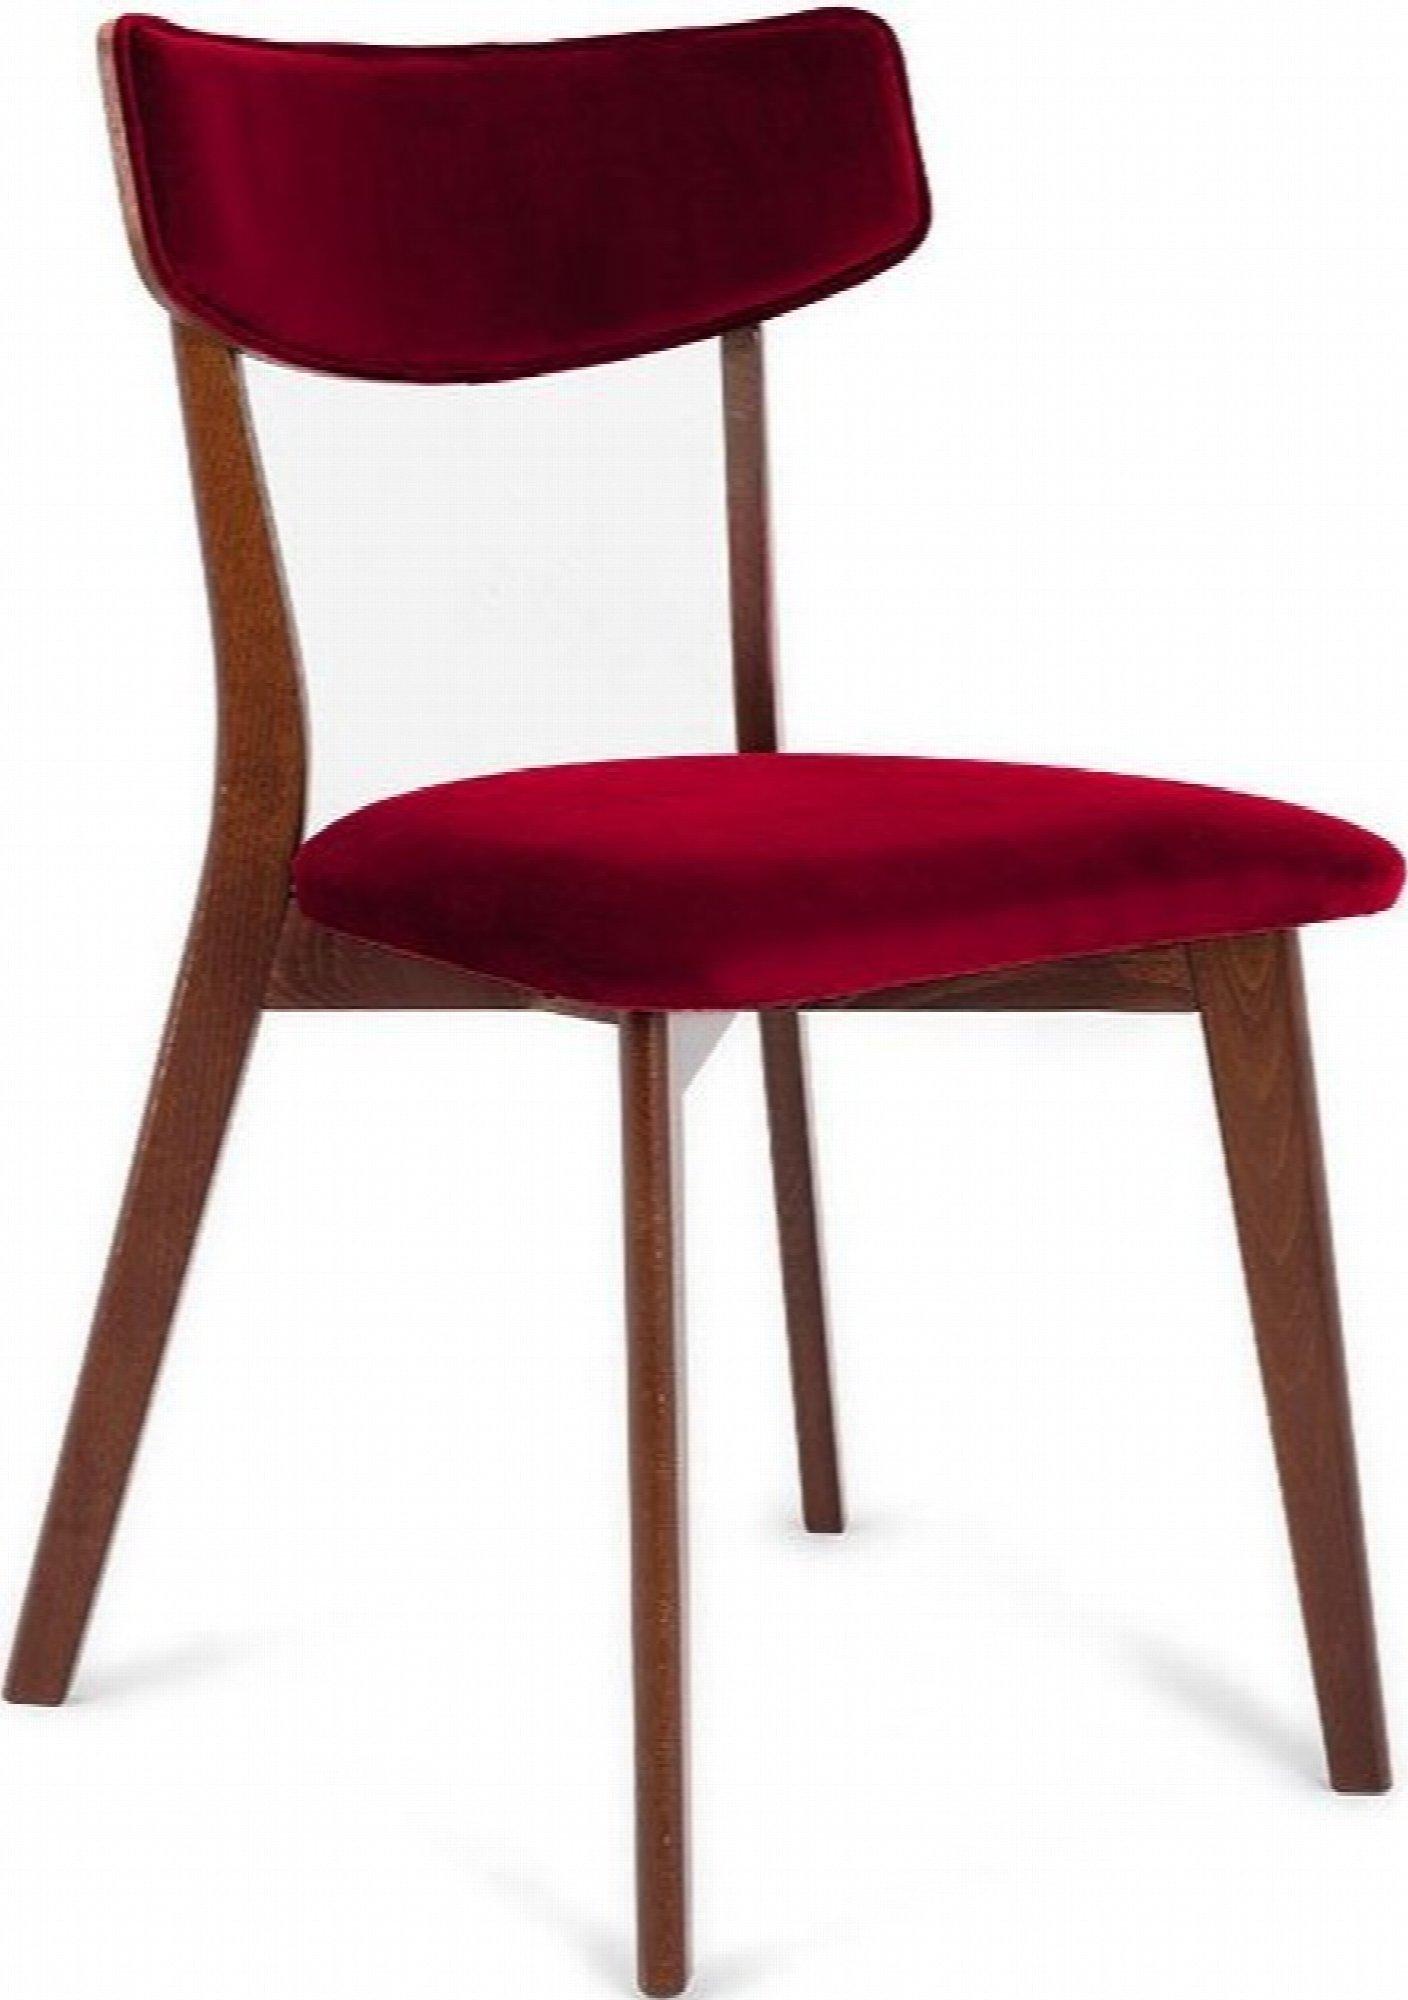 maison du monde Chaise design tradition velours rouge pieds noyer